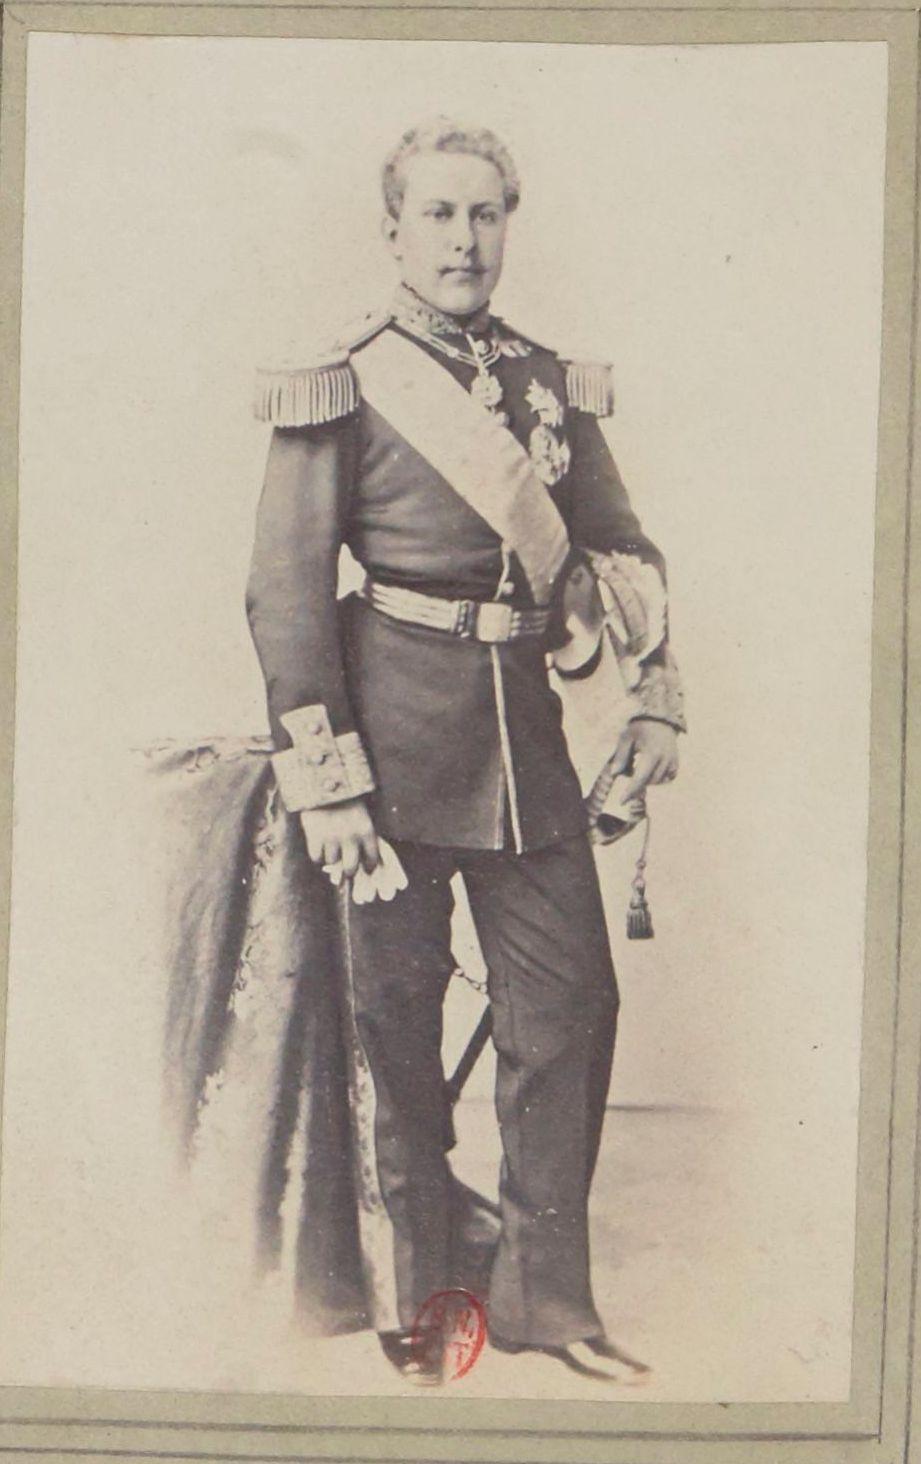 Педру V (16 сентября 1837, Лиссабон — 11 ноября 1861, Лиссабон) — король Португалии с 15 ноября 1853 года